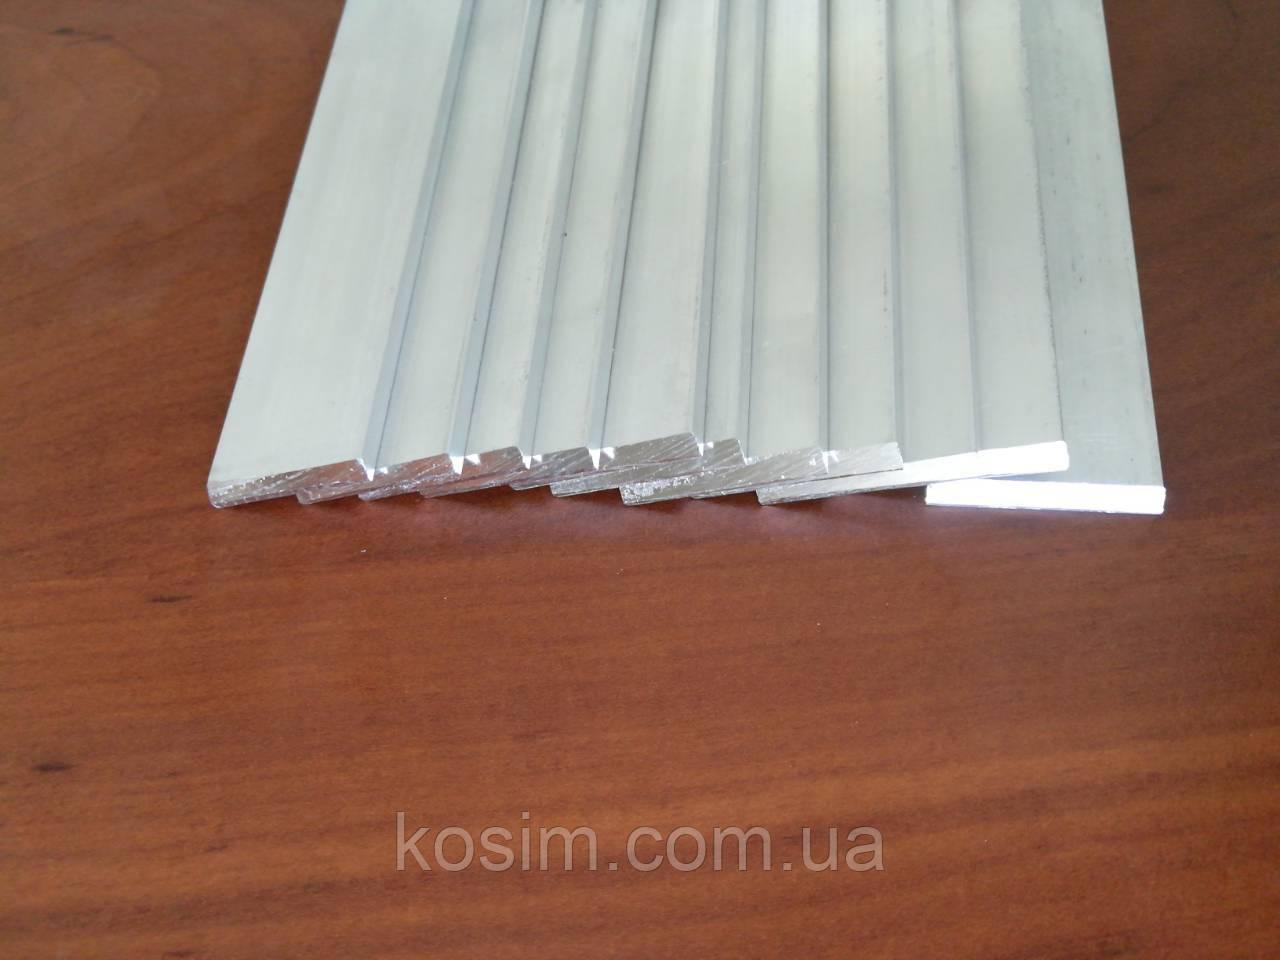 Бланки алюминиевые для точилок типа Апекс Apex. Бланки для камней. Точилка. Заточка. Нож